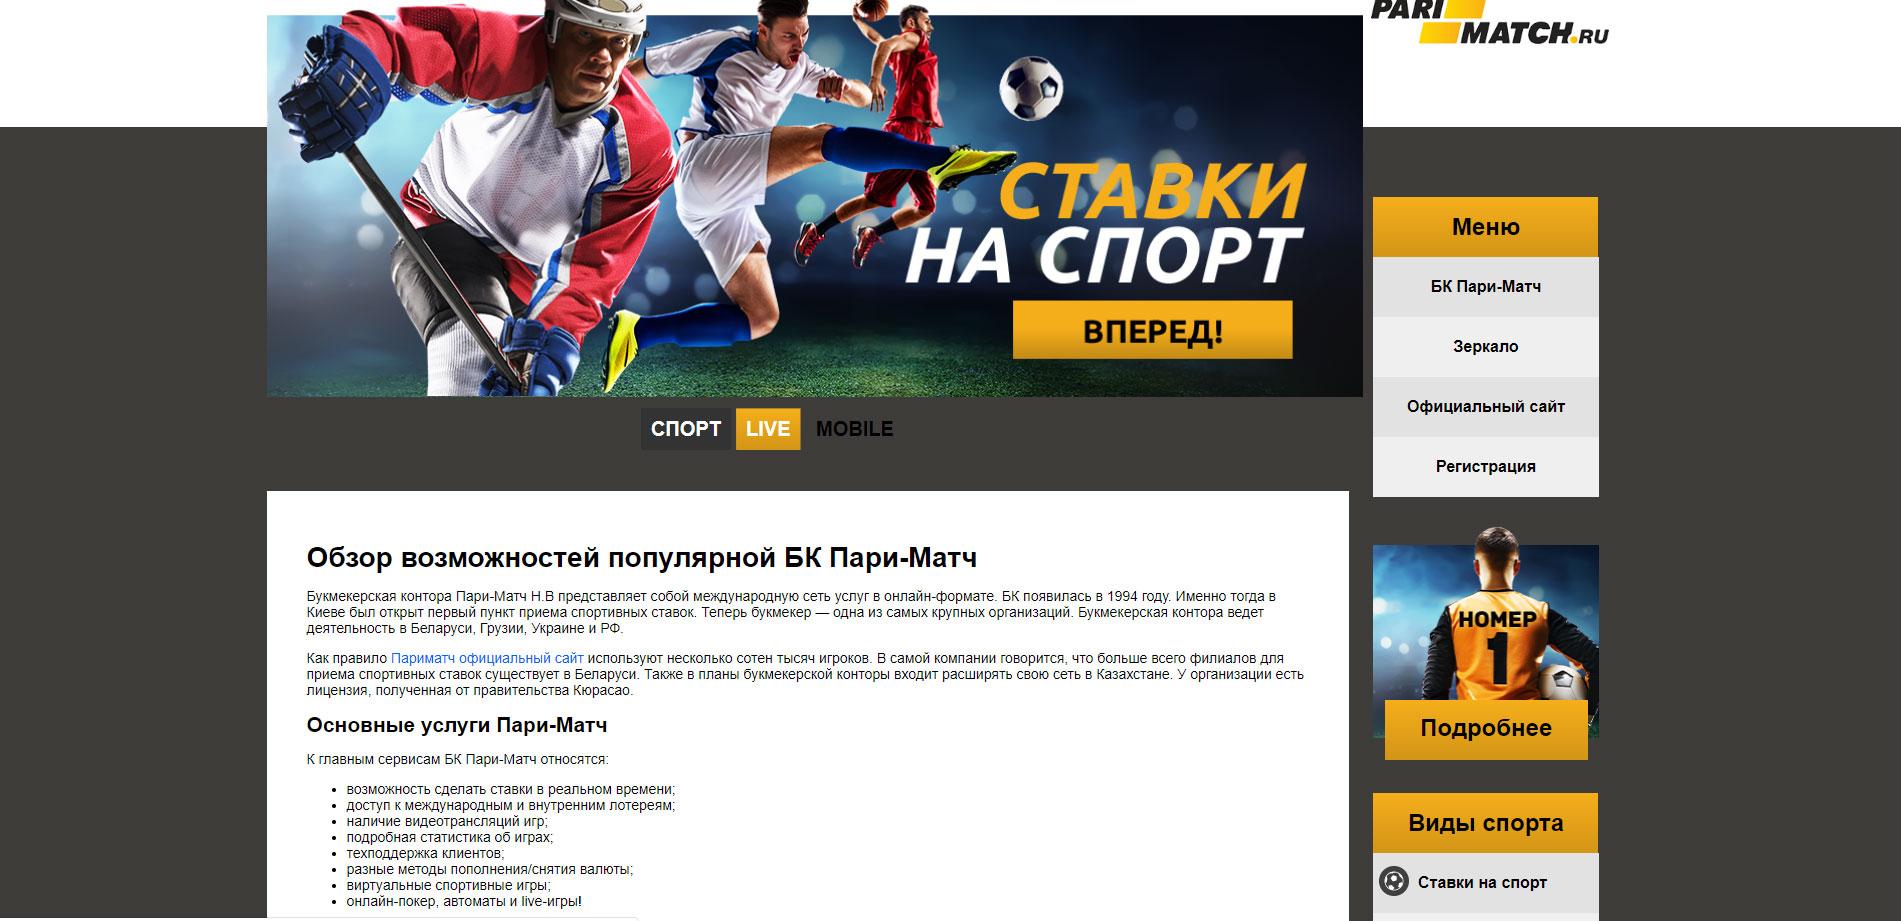 Букмекерская контора пари матч ставки на спорт онлайн ставки и прогнозы на матч ска цска 28 03 2016